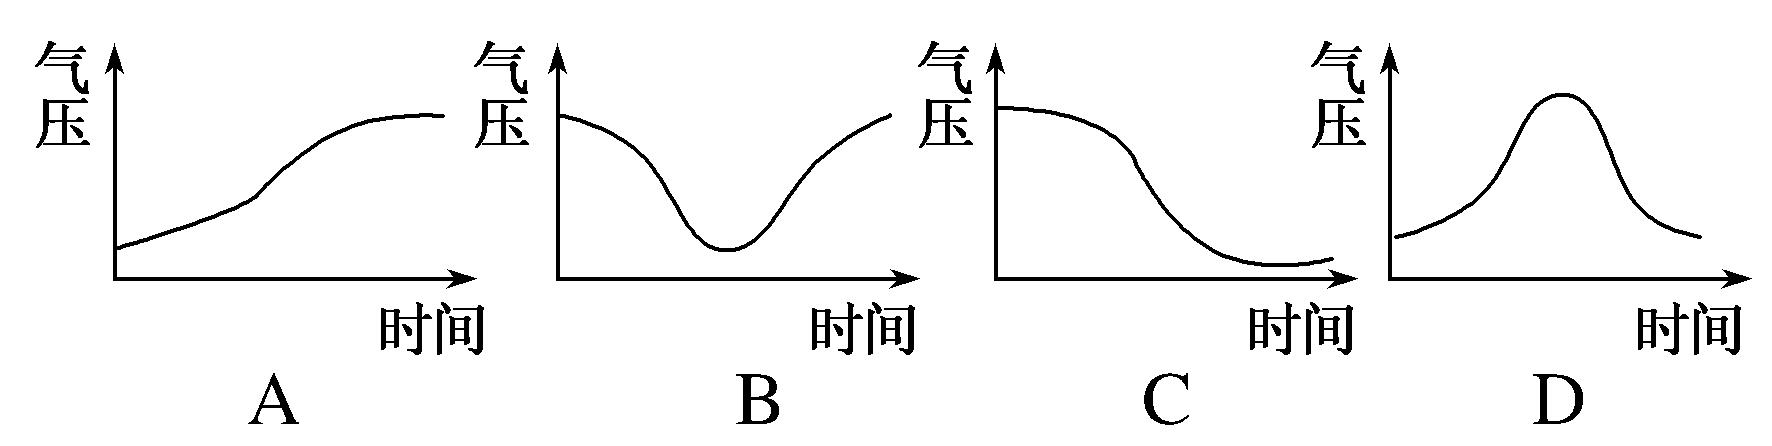 天气国际高中新人高中双基排名练常见教版v天气系统上海地理限时私立图片